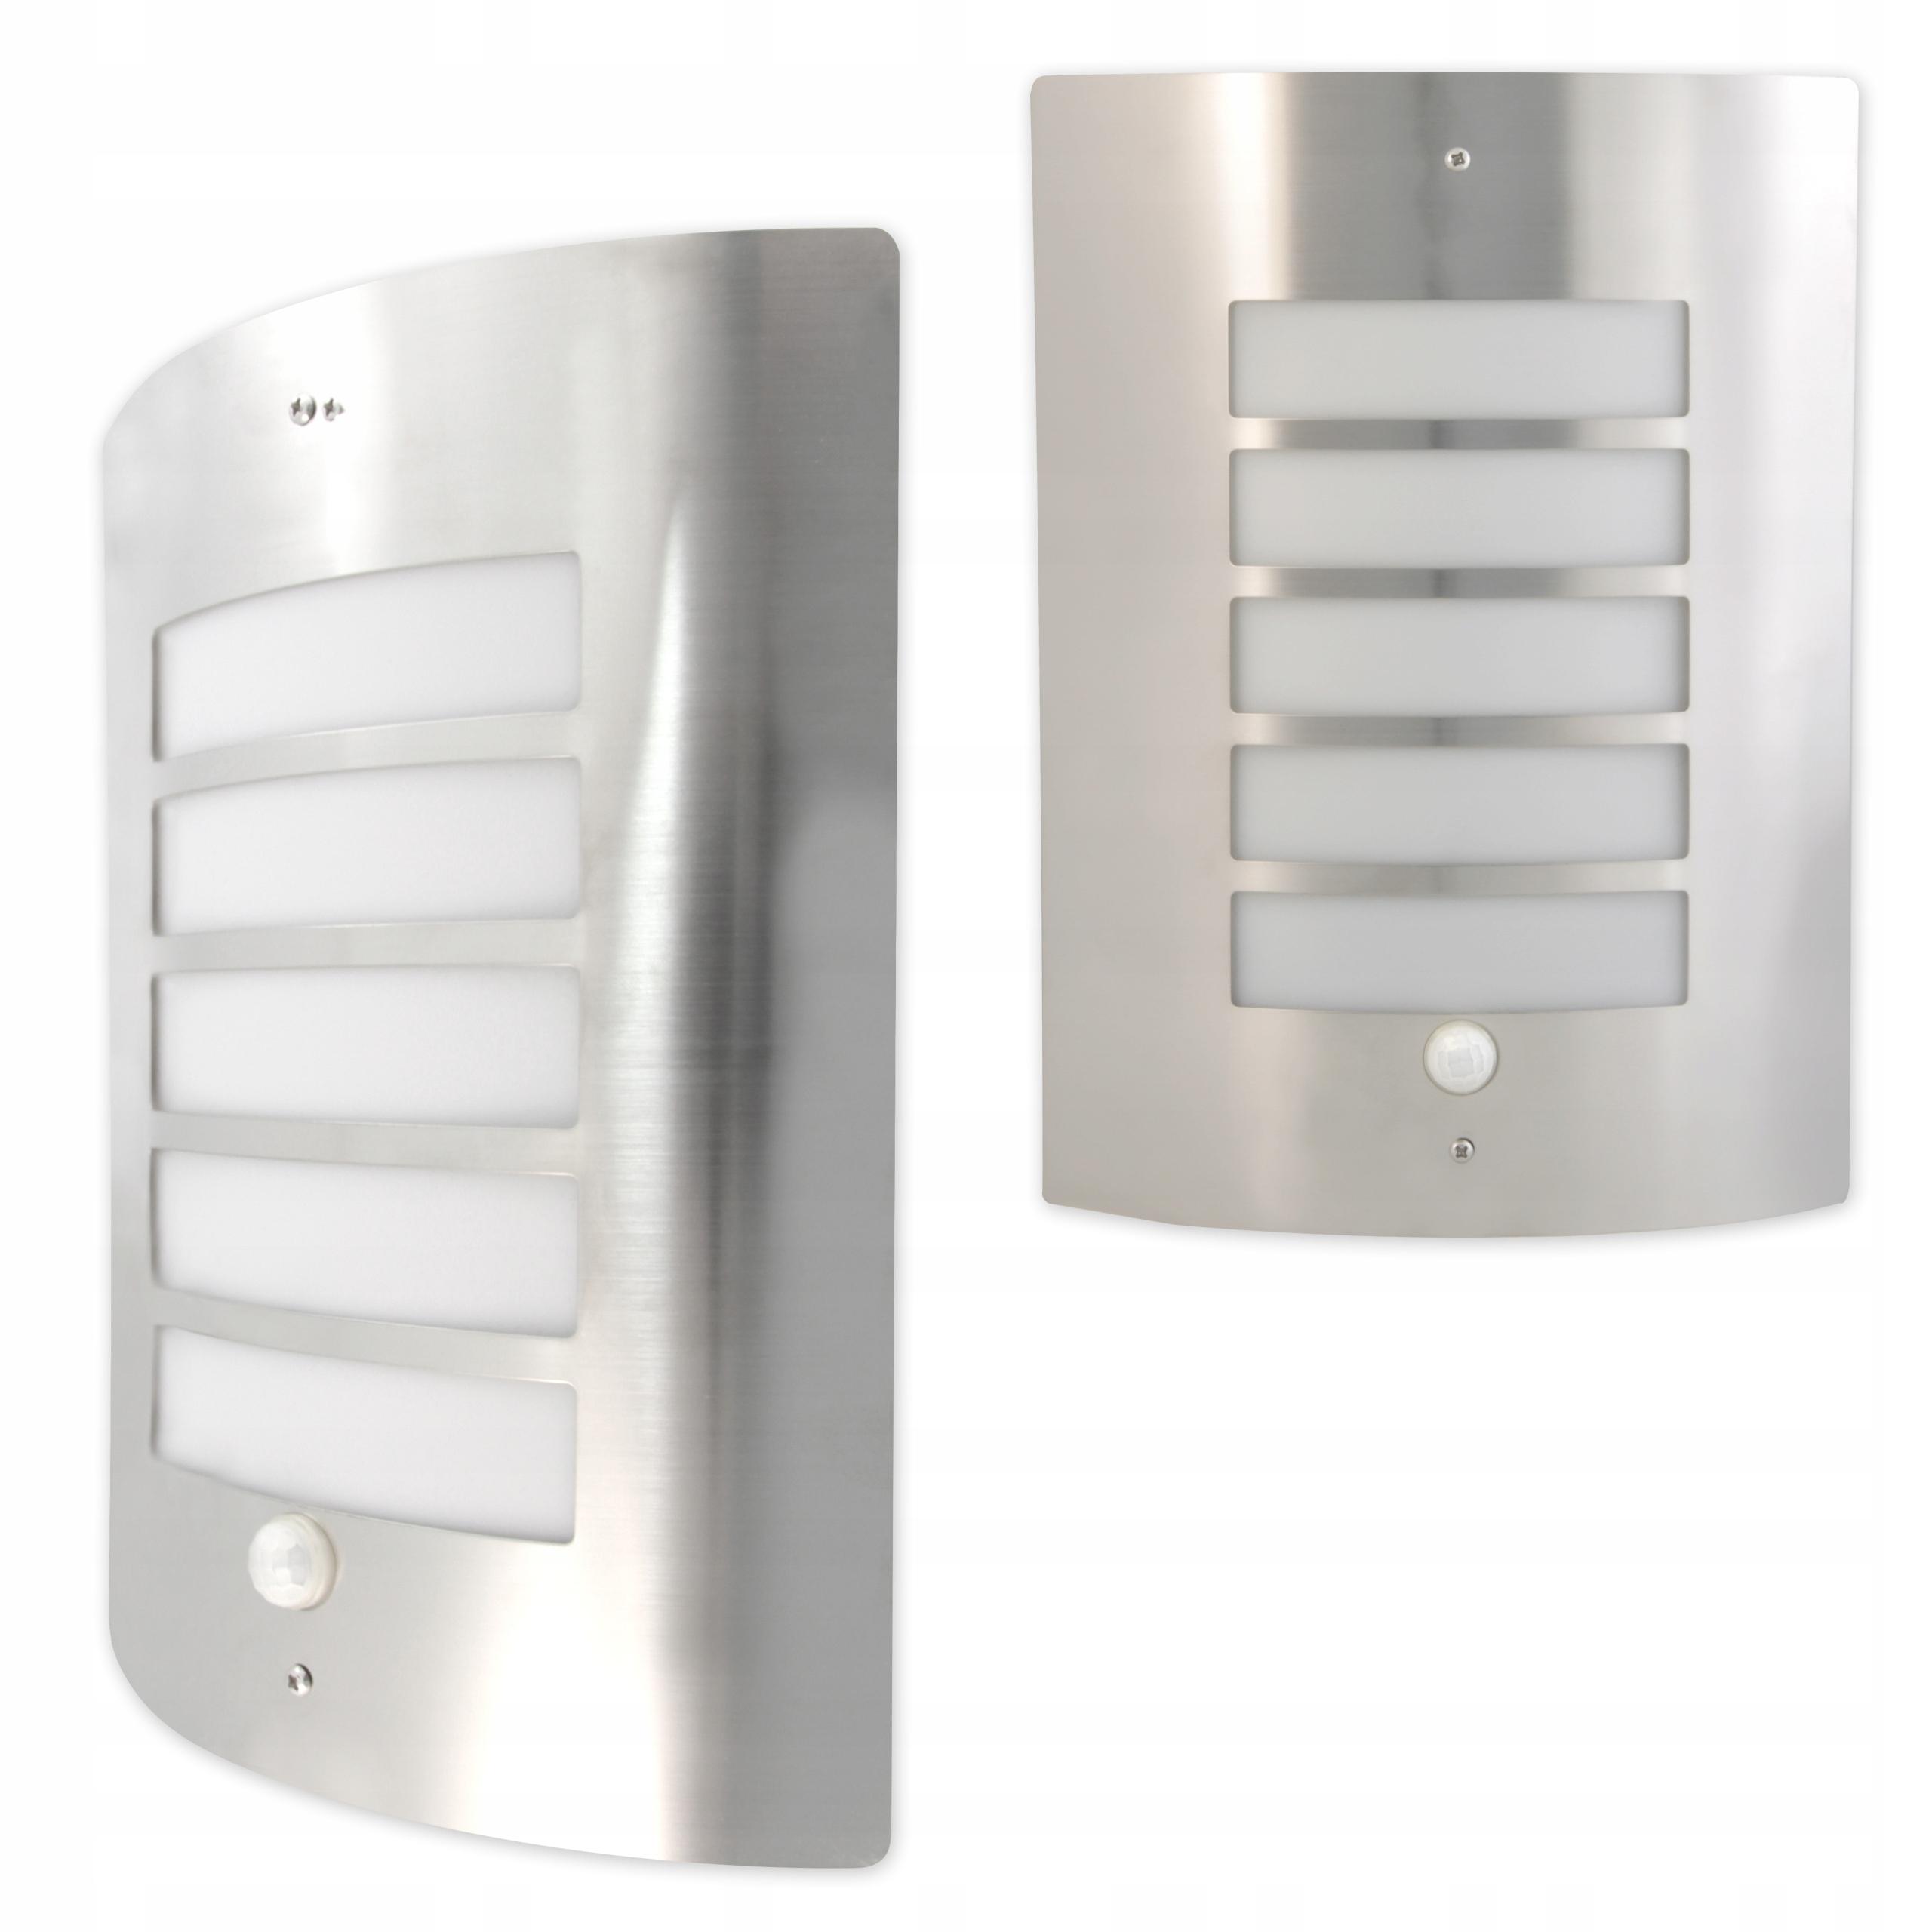 Lampa kinkiet ogrodowy z czujnikiem zewnętrzna LED